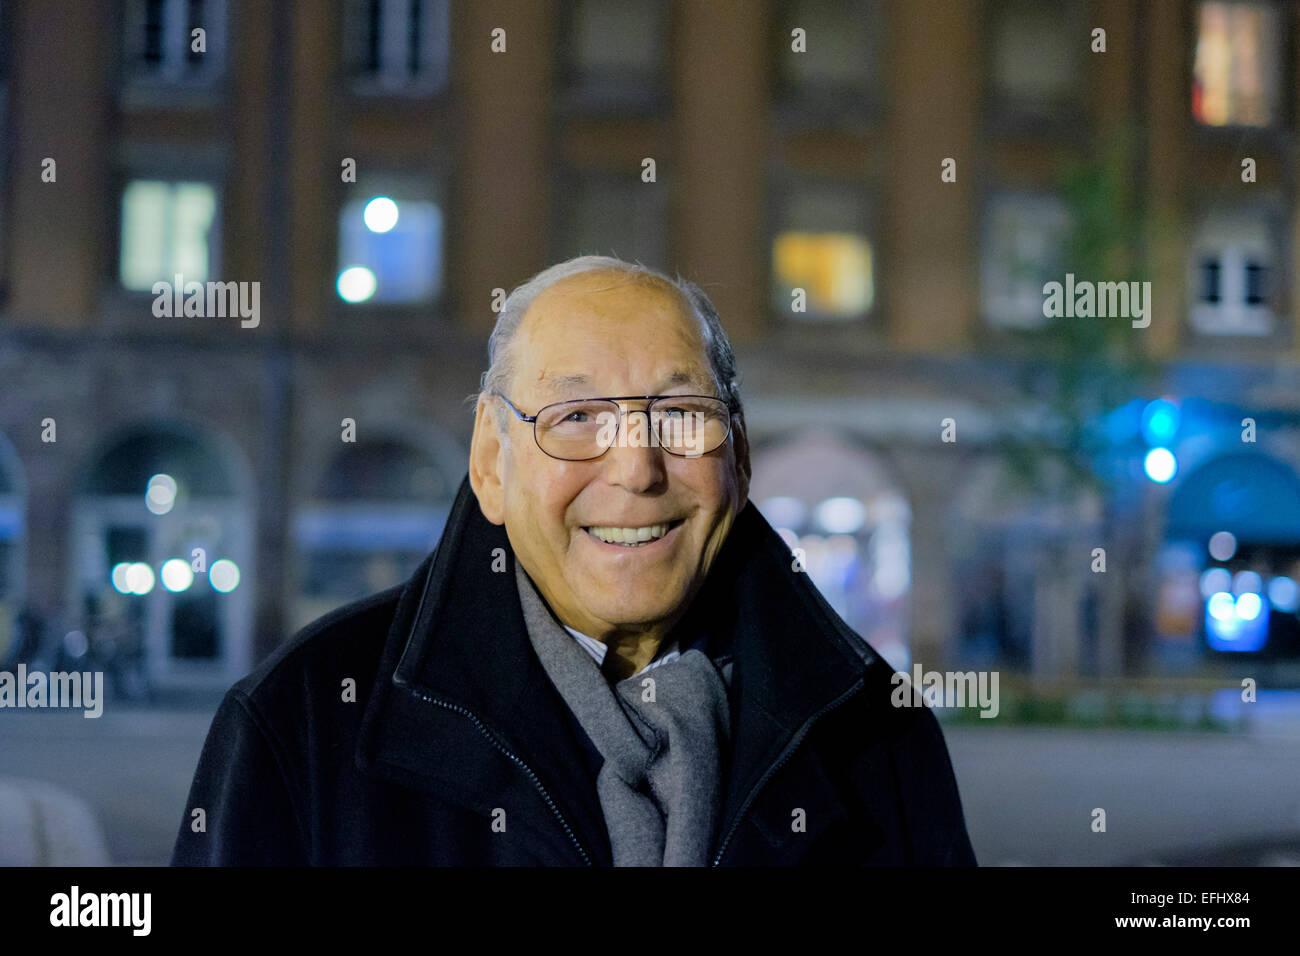 Sorridente uomo anziano 80s ritratto di notte Immagini Stock